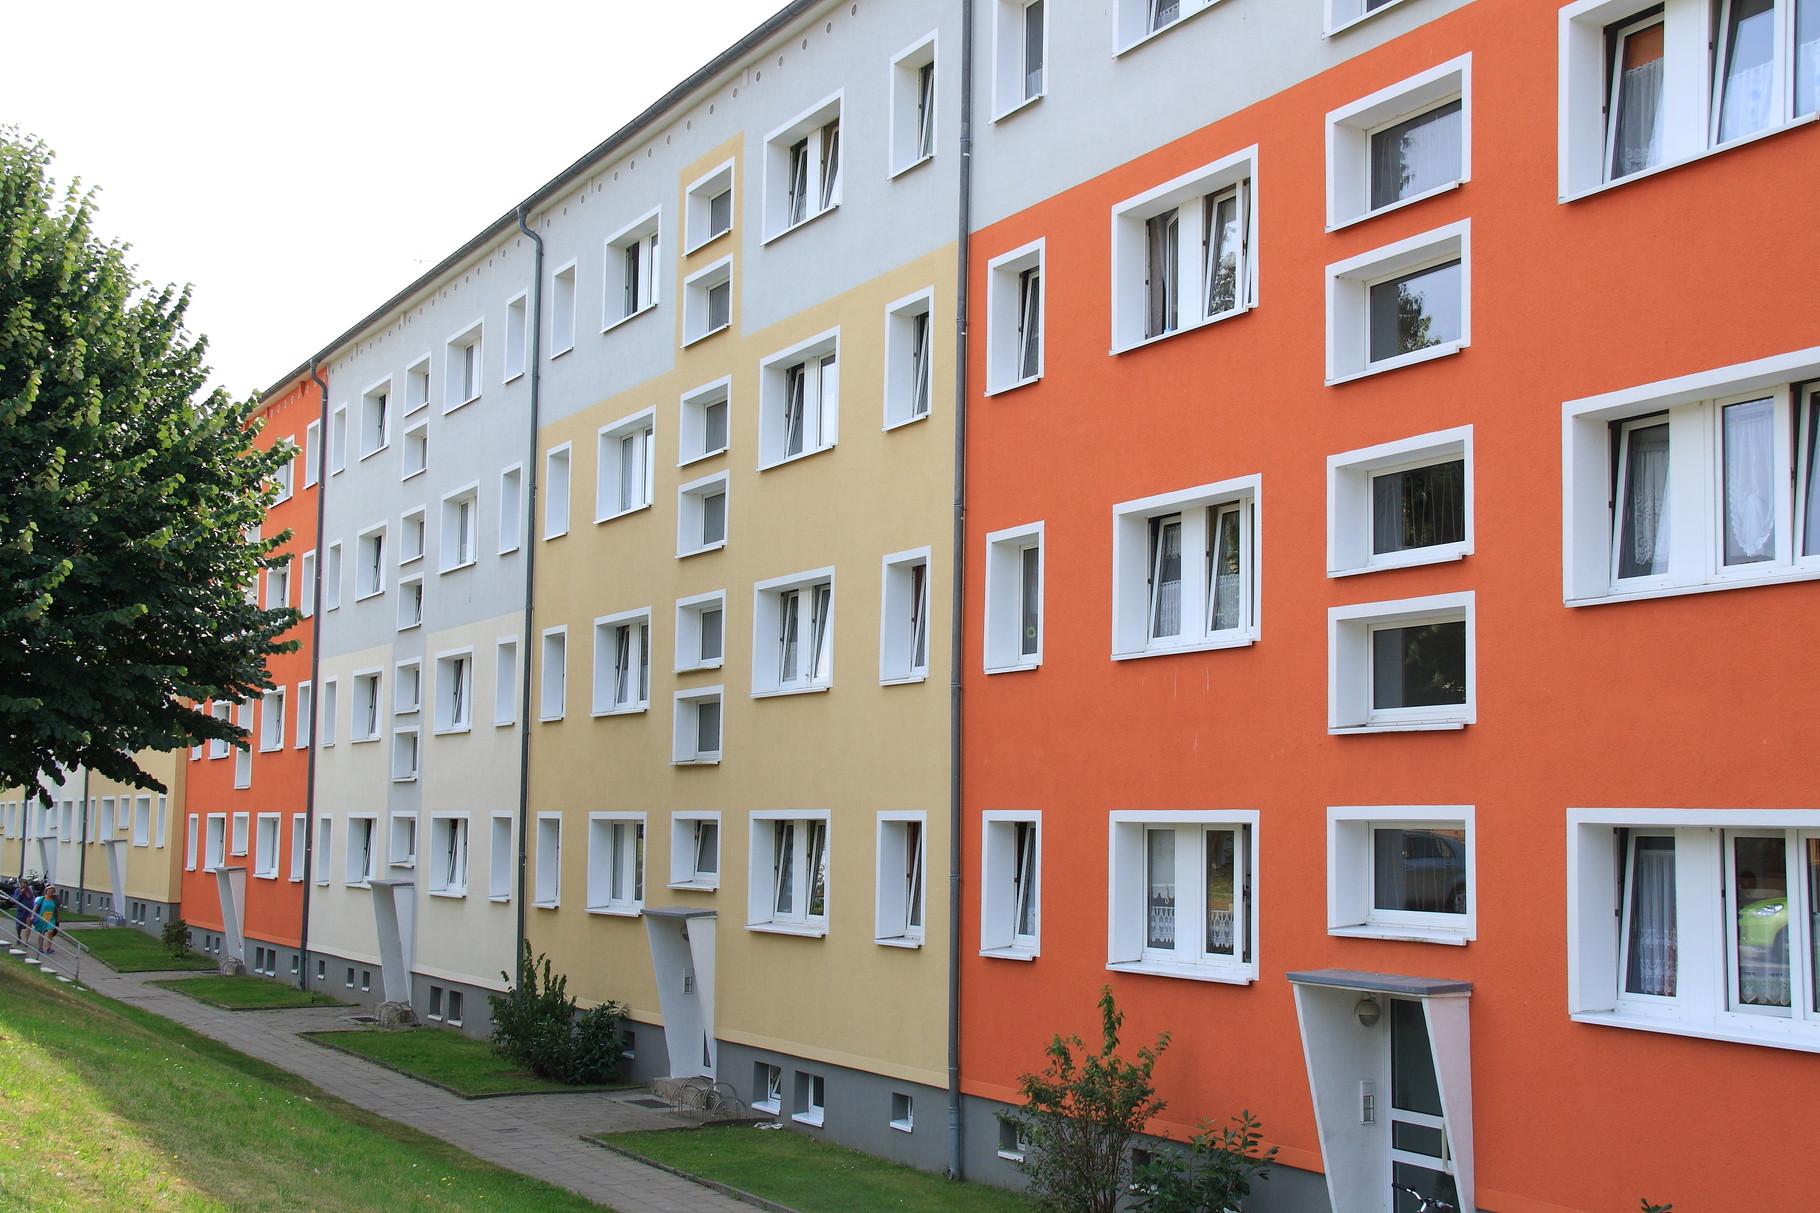 Seebad Ahlbeck, Wohngebäude Kaiserstraße 25-28